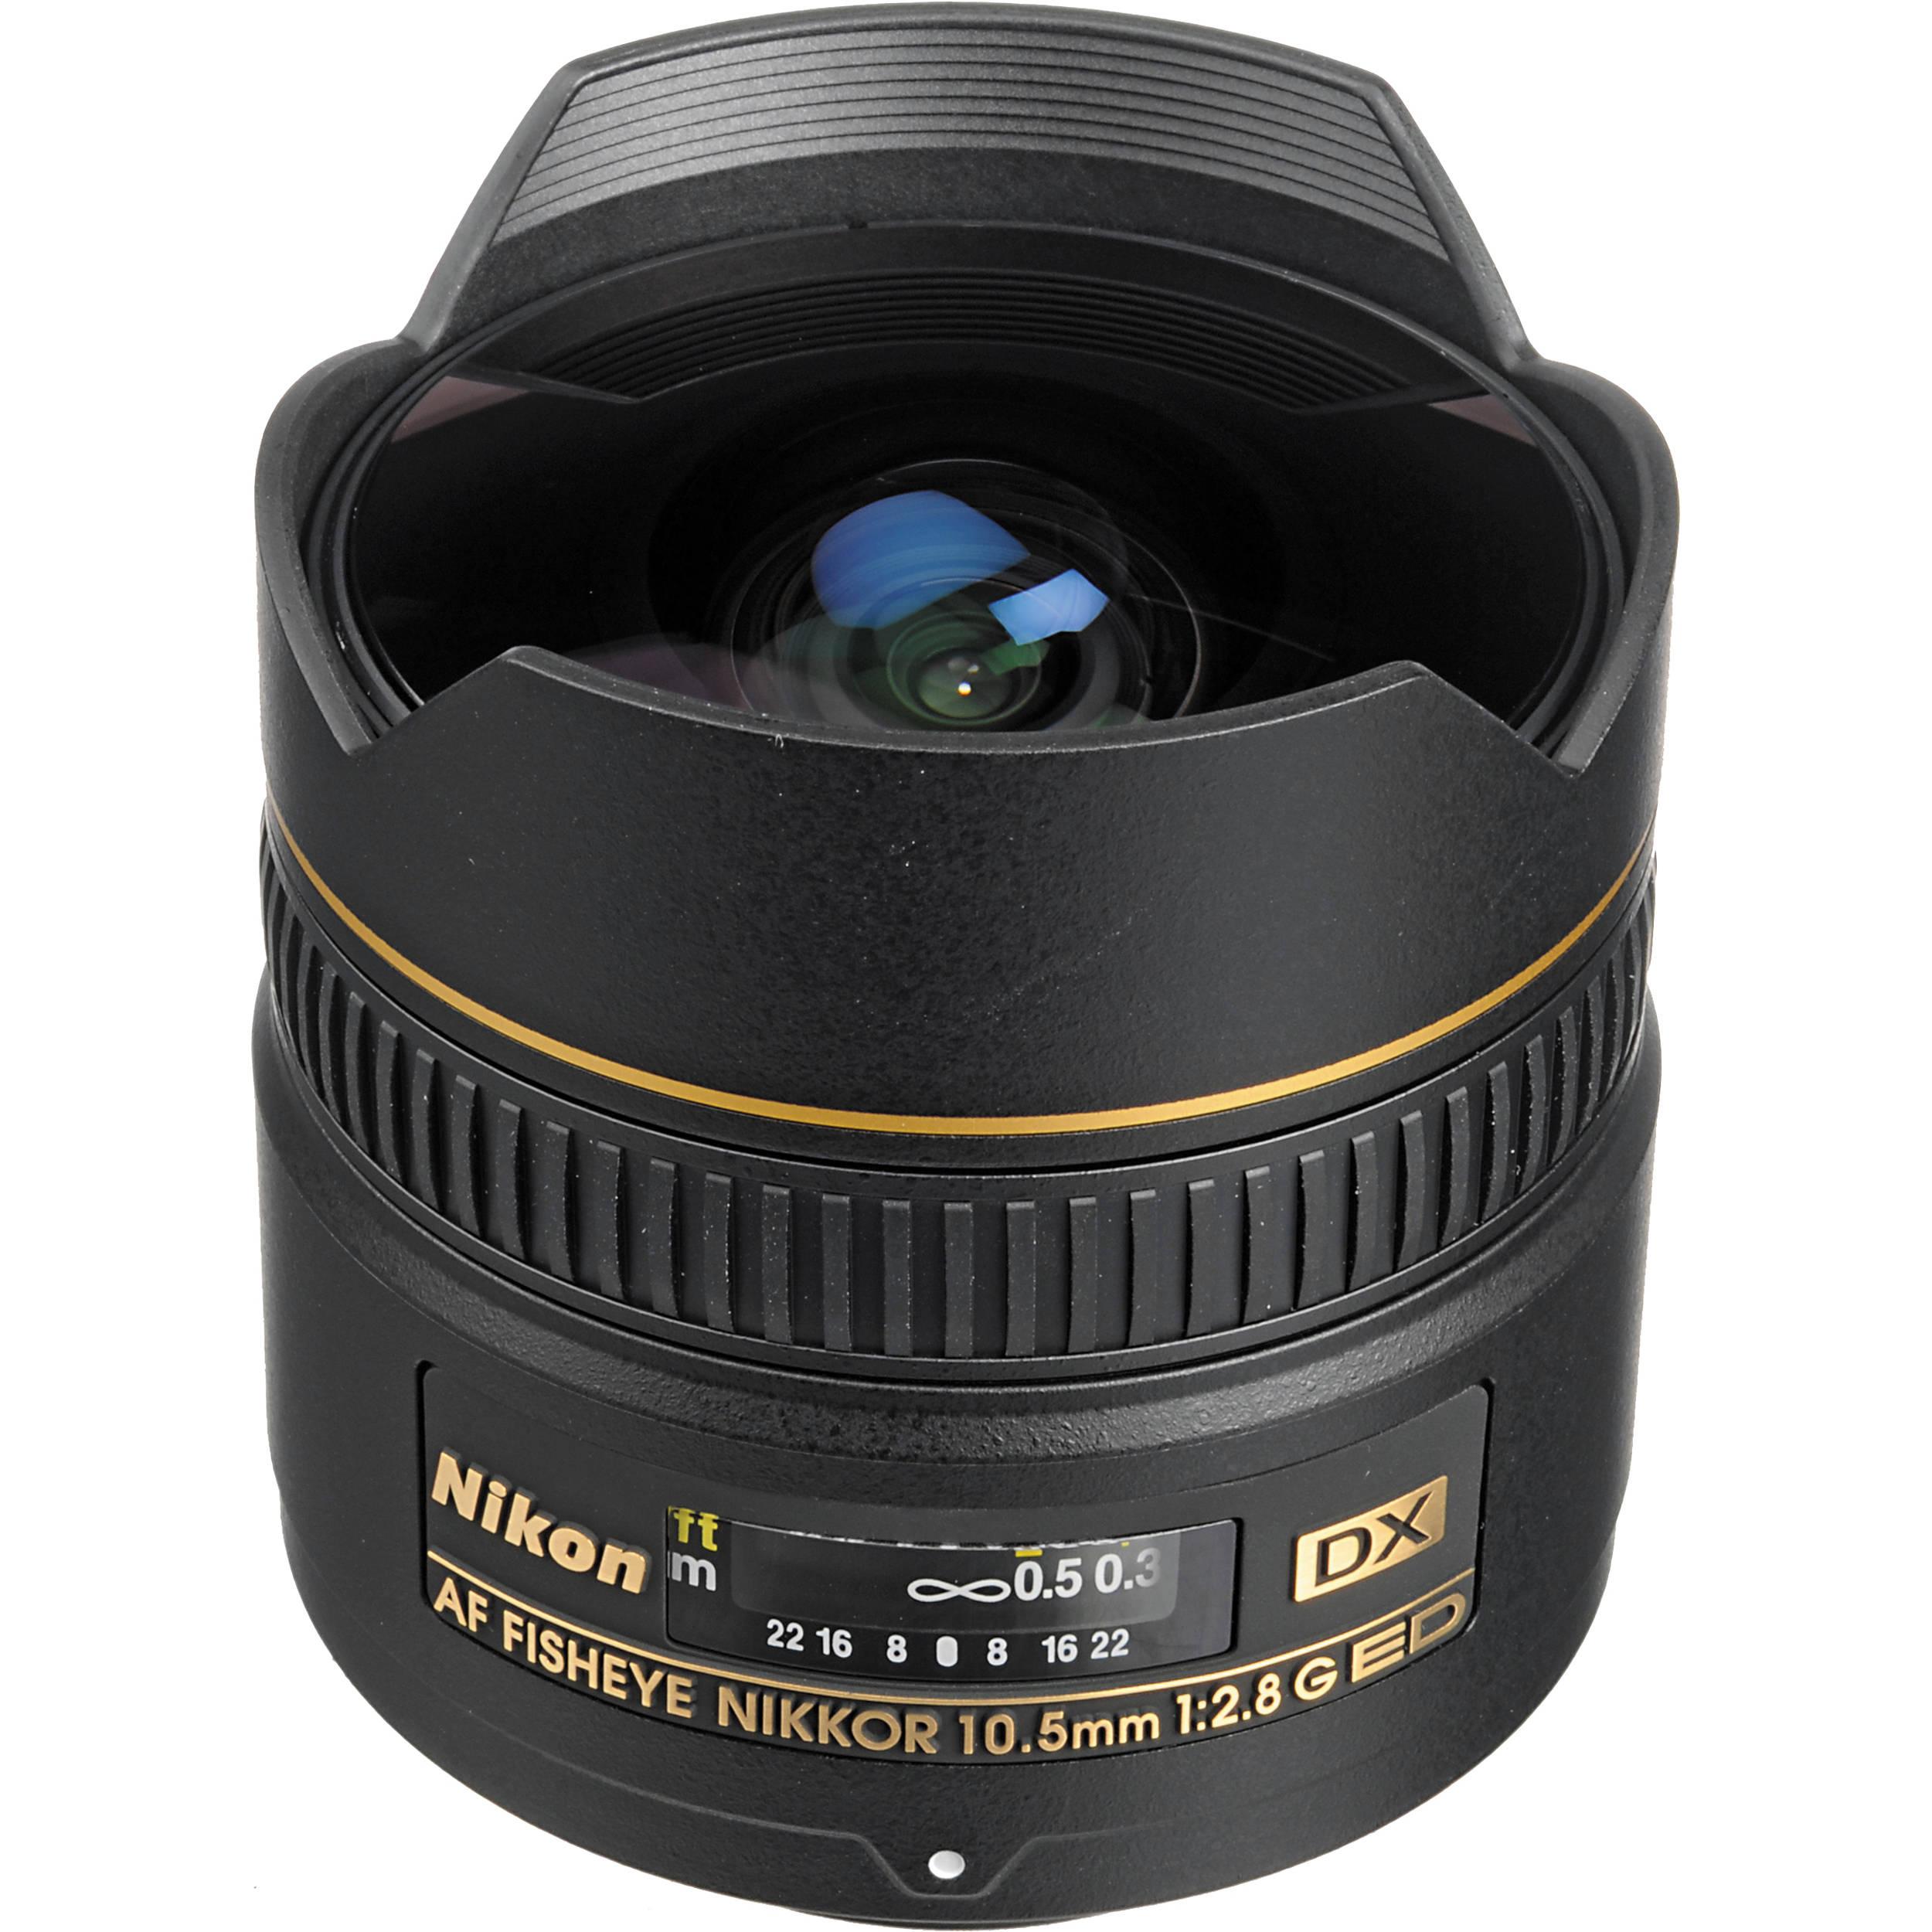 Nikon AF DX Fisheye-NIKKOR 10 5mm f/2 8G ED Lens (Refurbished by Nikon USA)